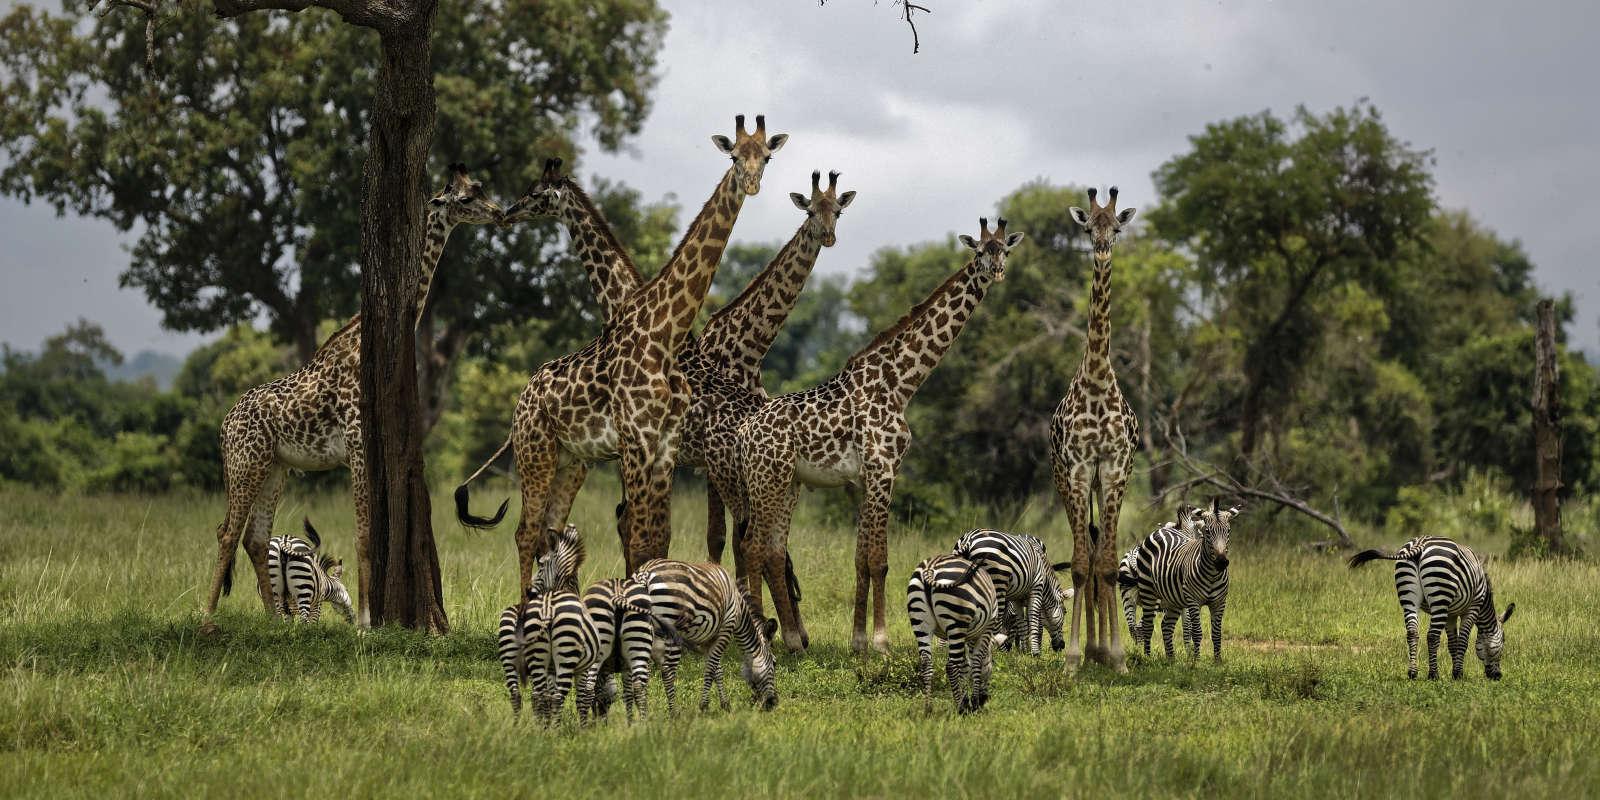 Des girafes et des zèbres dans le parc national de Mikumi, en Tanzanie, le 20 mars 2018.